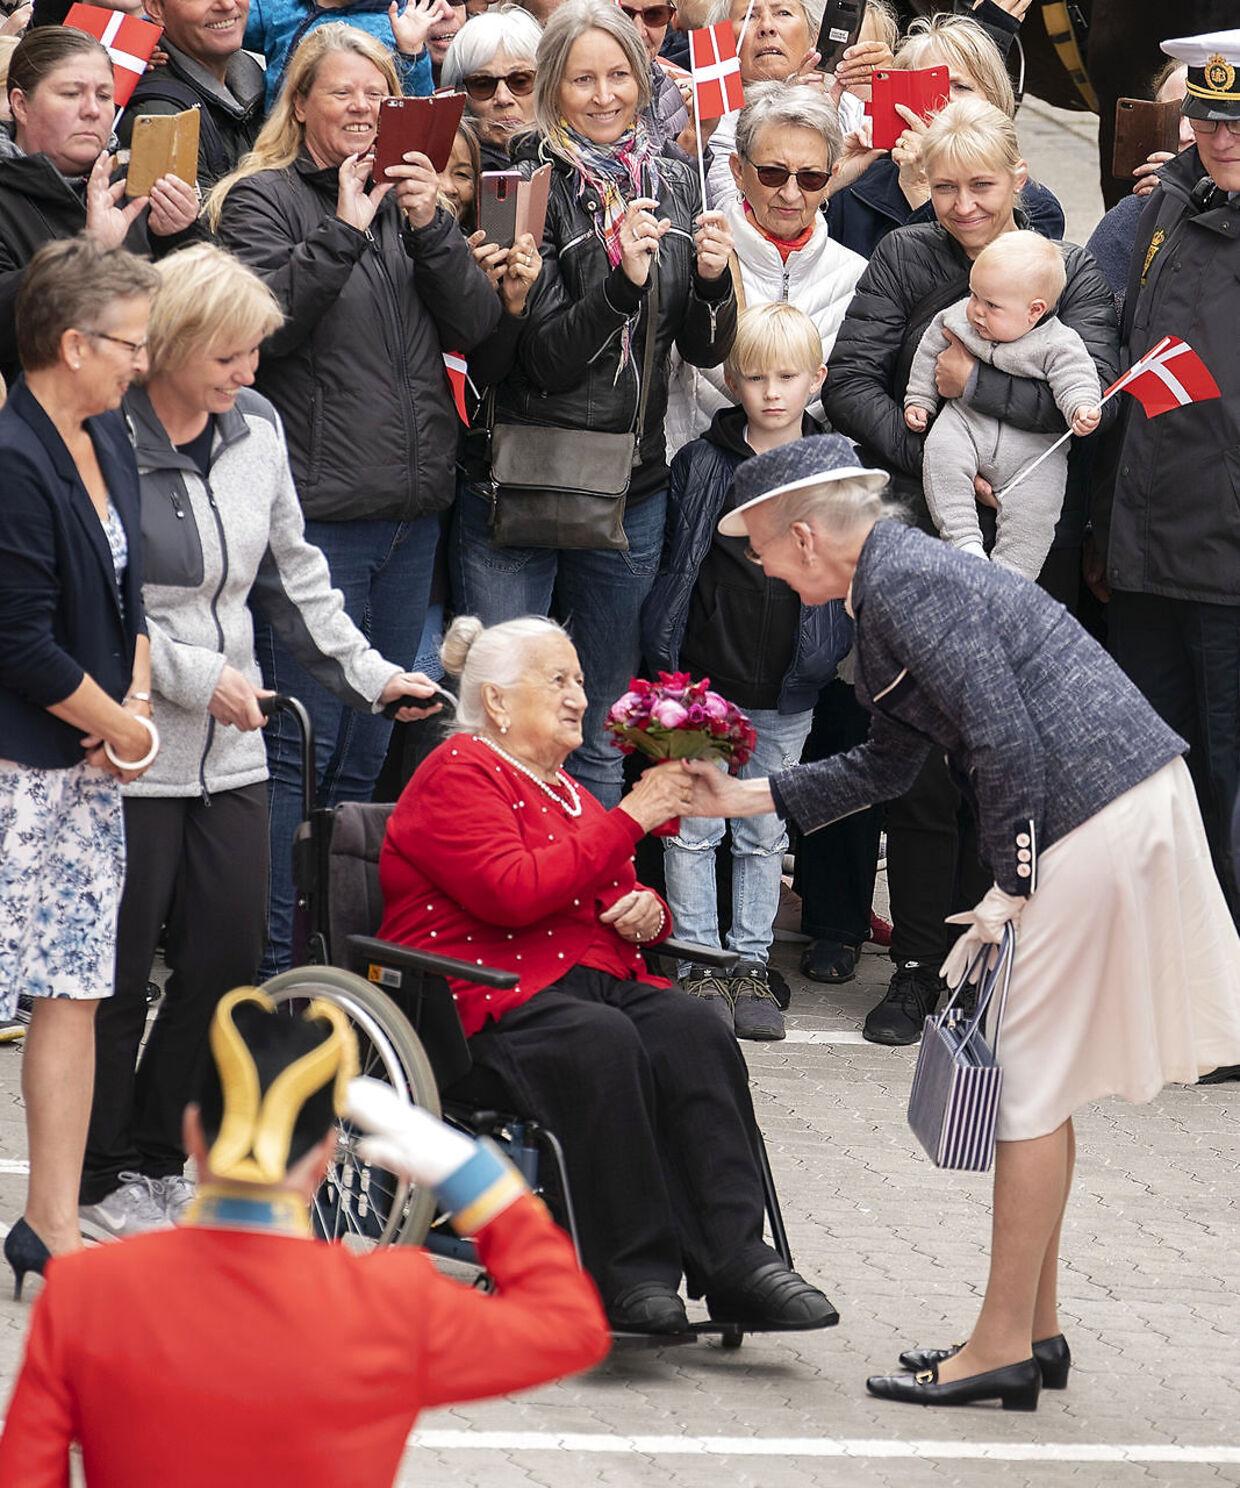 Dronning Margrethe får blomster overrakt af Ellen Grethe Kristiansen ved ankomsten til Center for Sundhed, Træning og Rehabilitering.